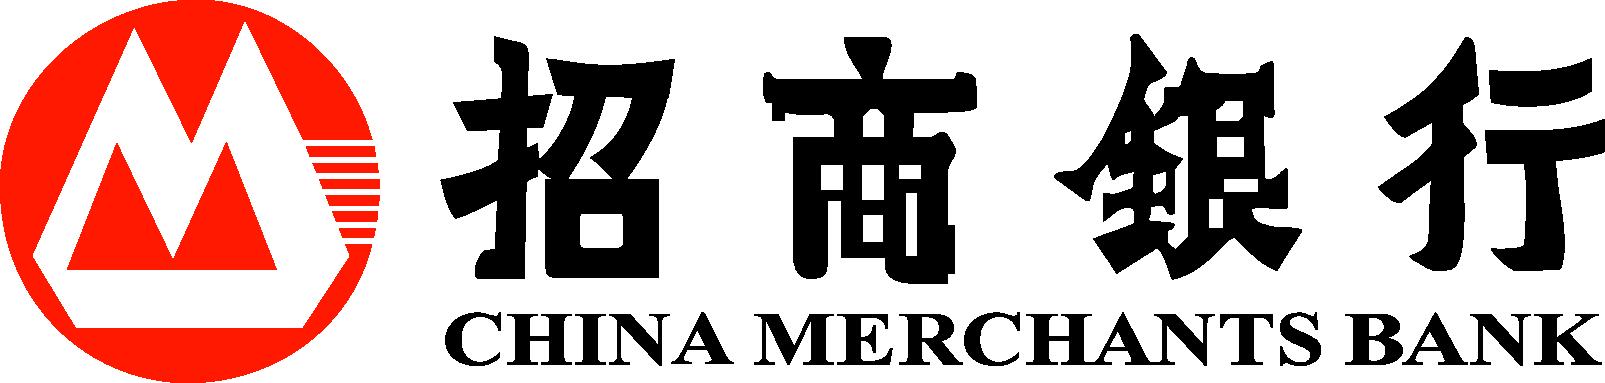 China Merchants Bank Logo png